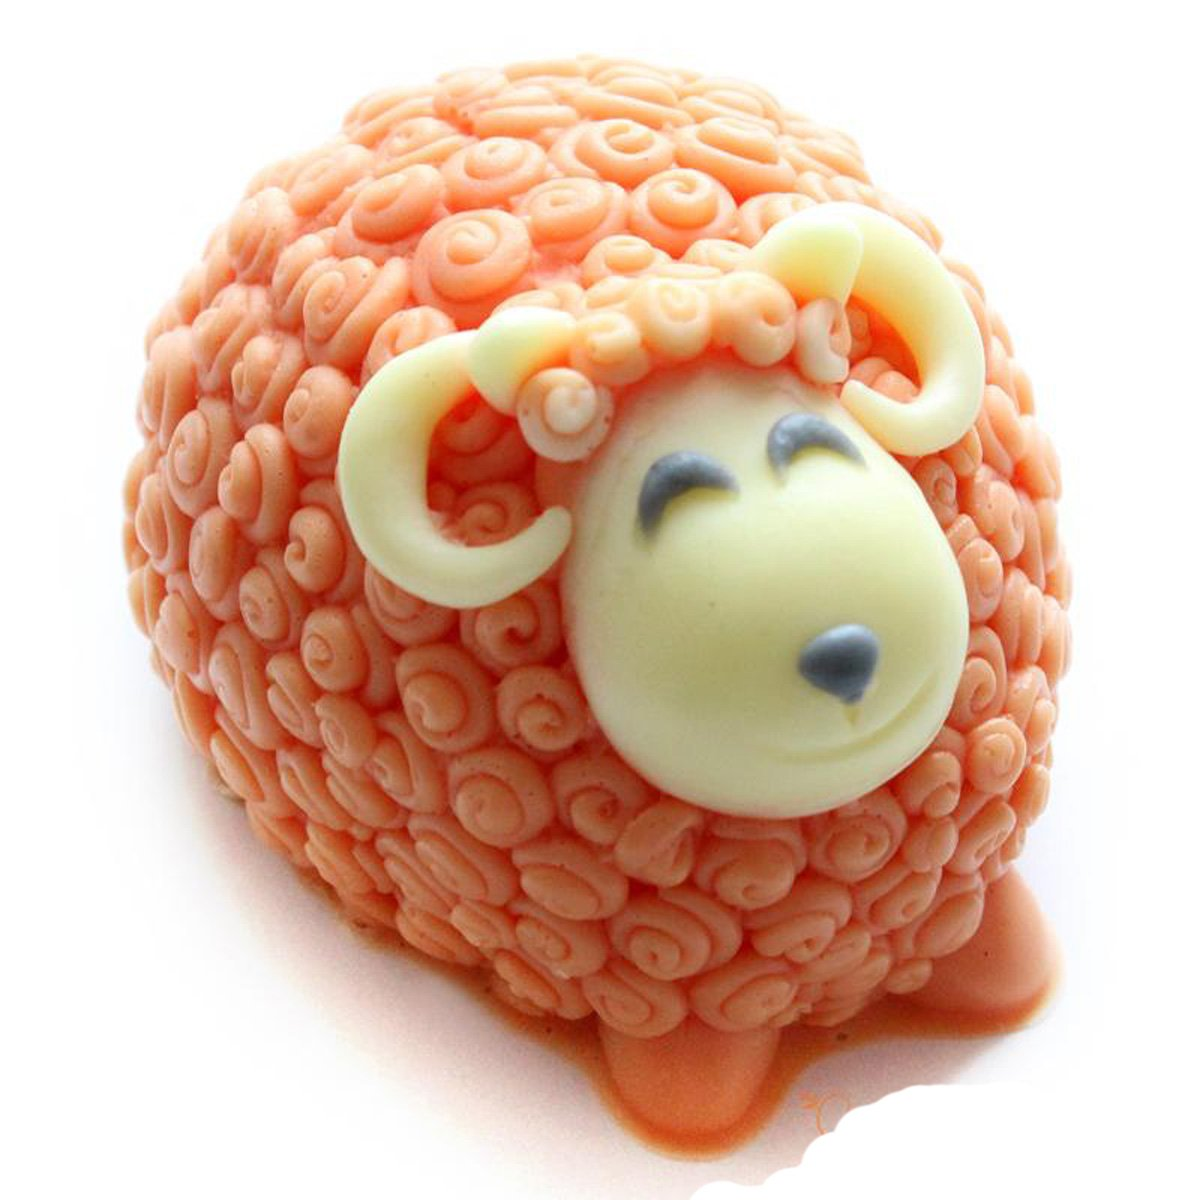 Longzang Sheep Mold Craft Art Silicone Soap Mould Craft Molds DIY Longzang-S119